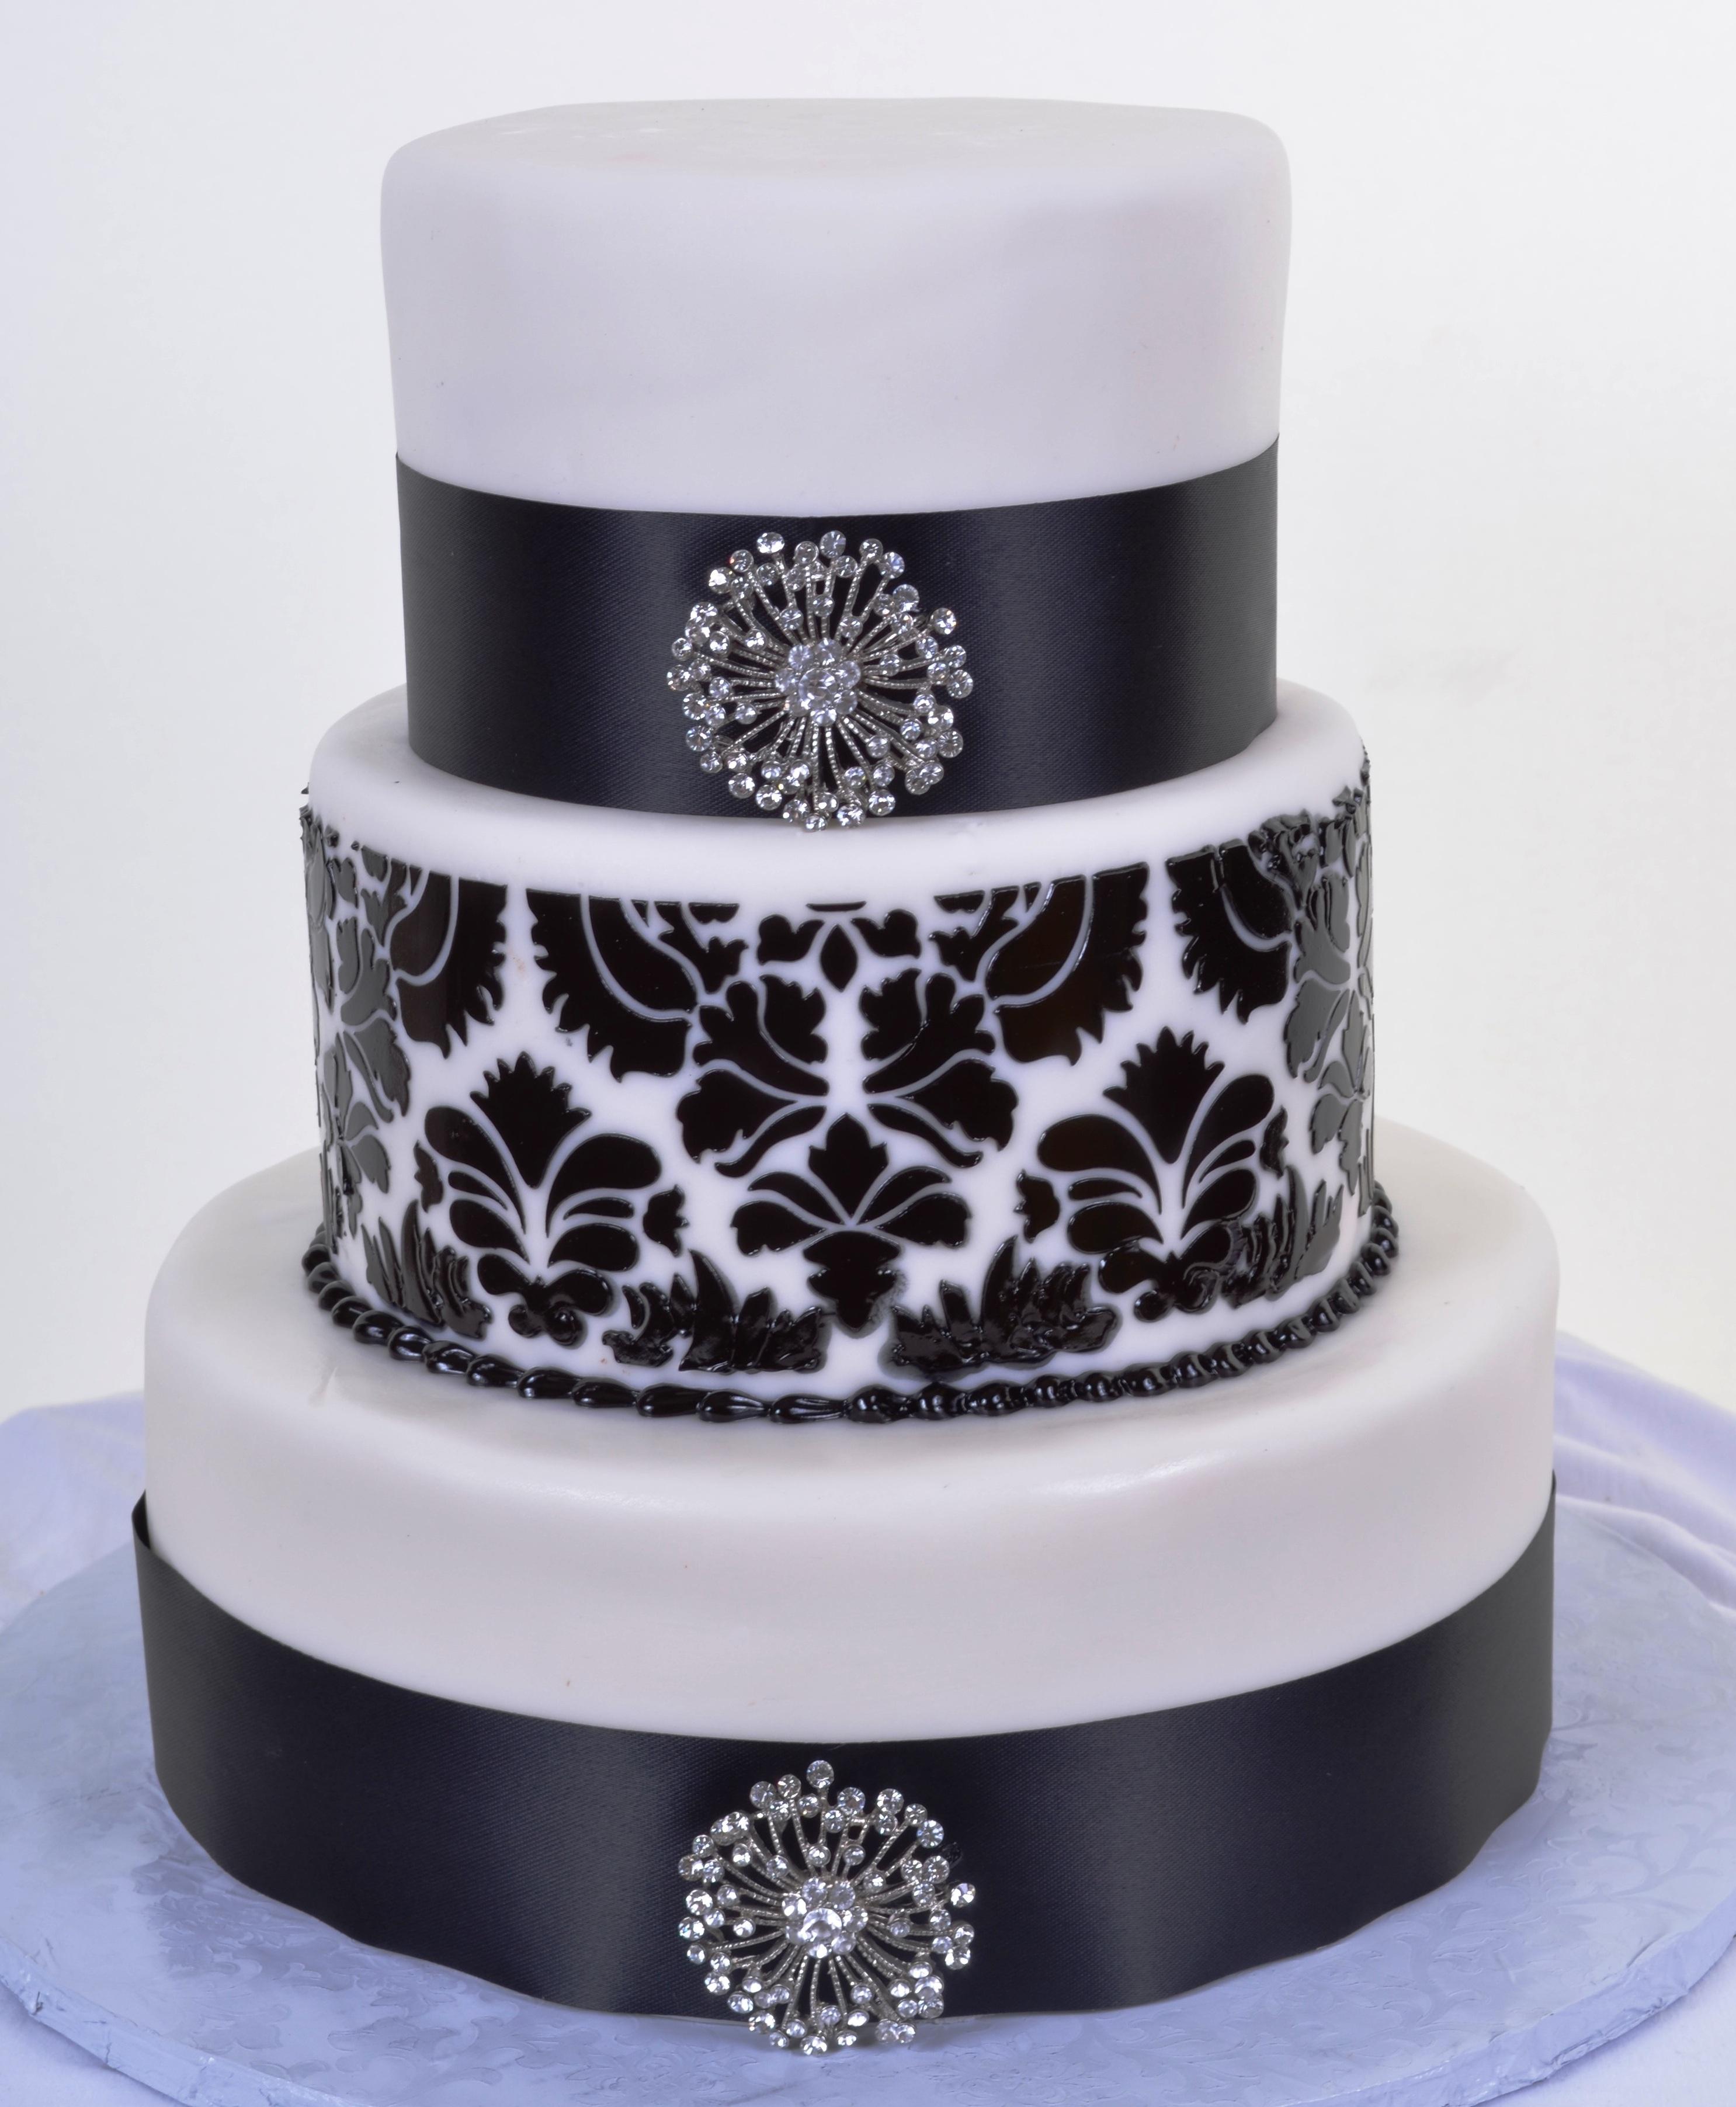 Las vegas wedding cakes las vegas cakes birthday wedding las vegas wedding cakes las vegas cakes birthday wedding junglespirit Gallery